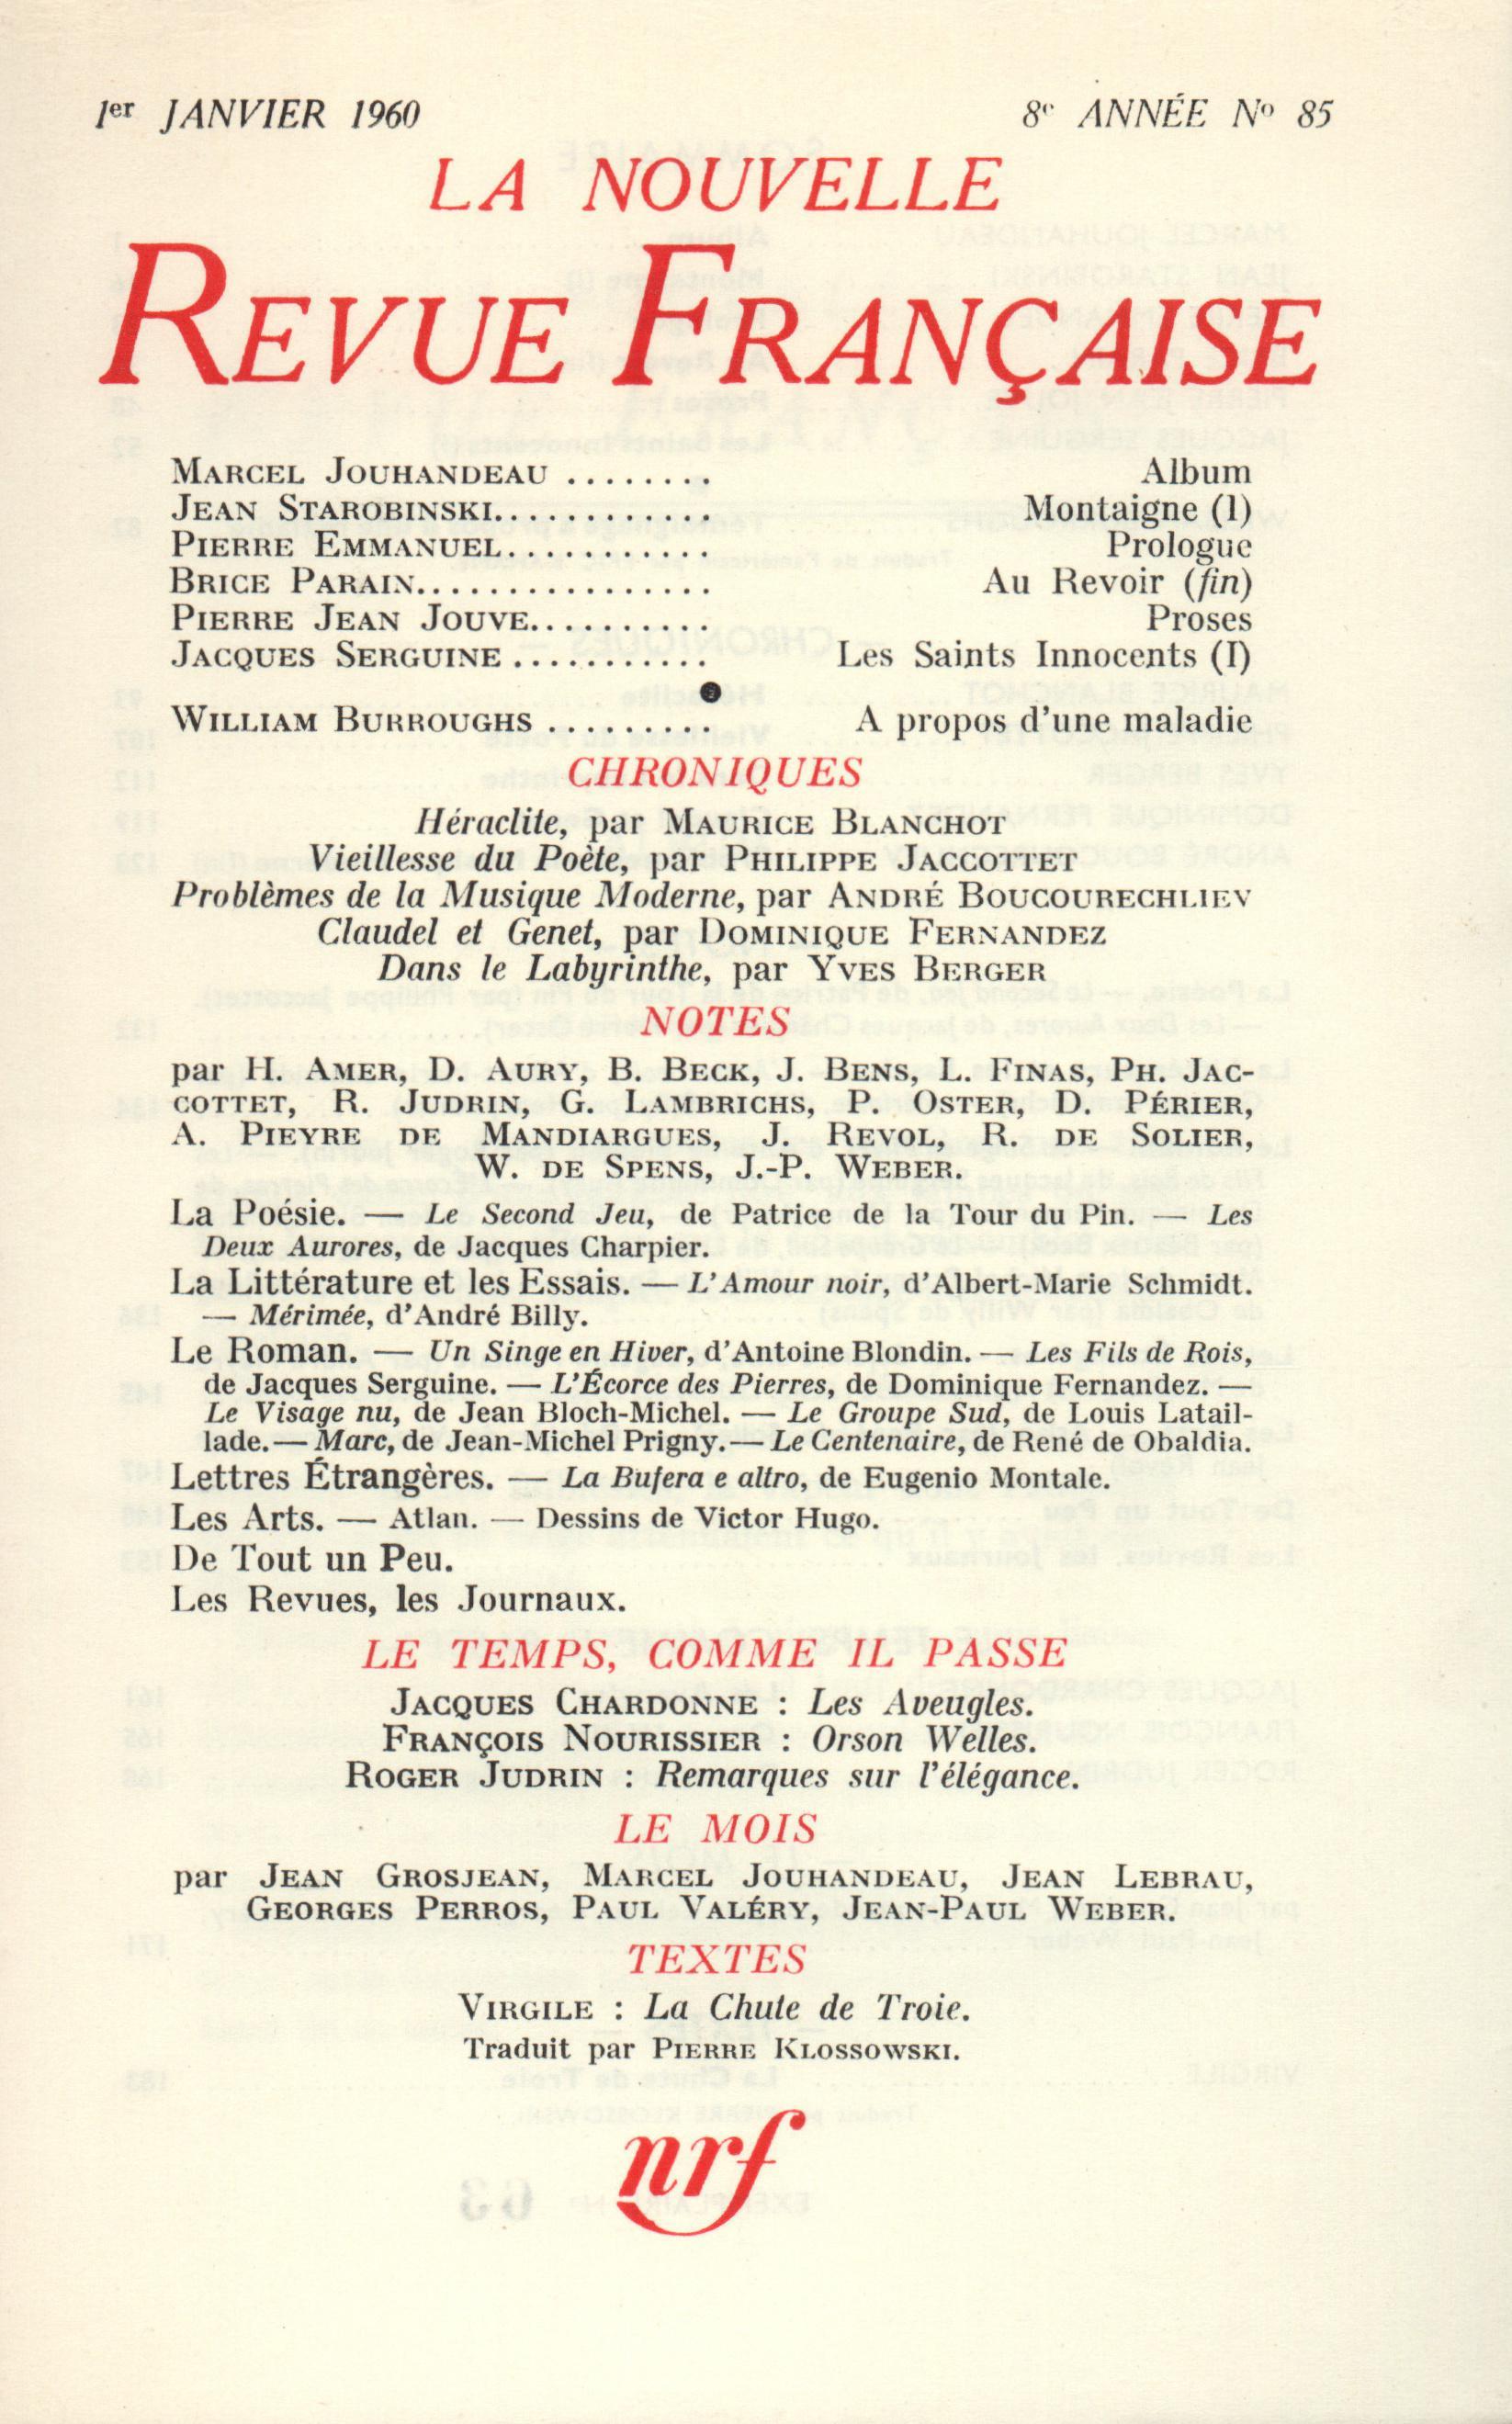 La Nouvelle Revue Française N' 85 (Janvier 1960)